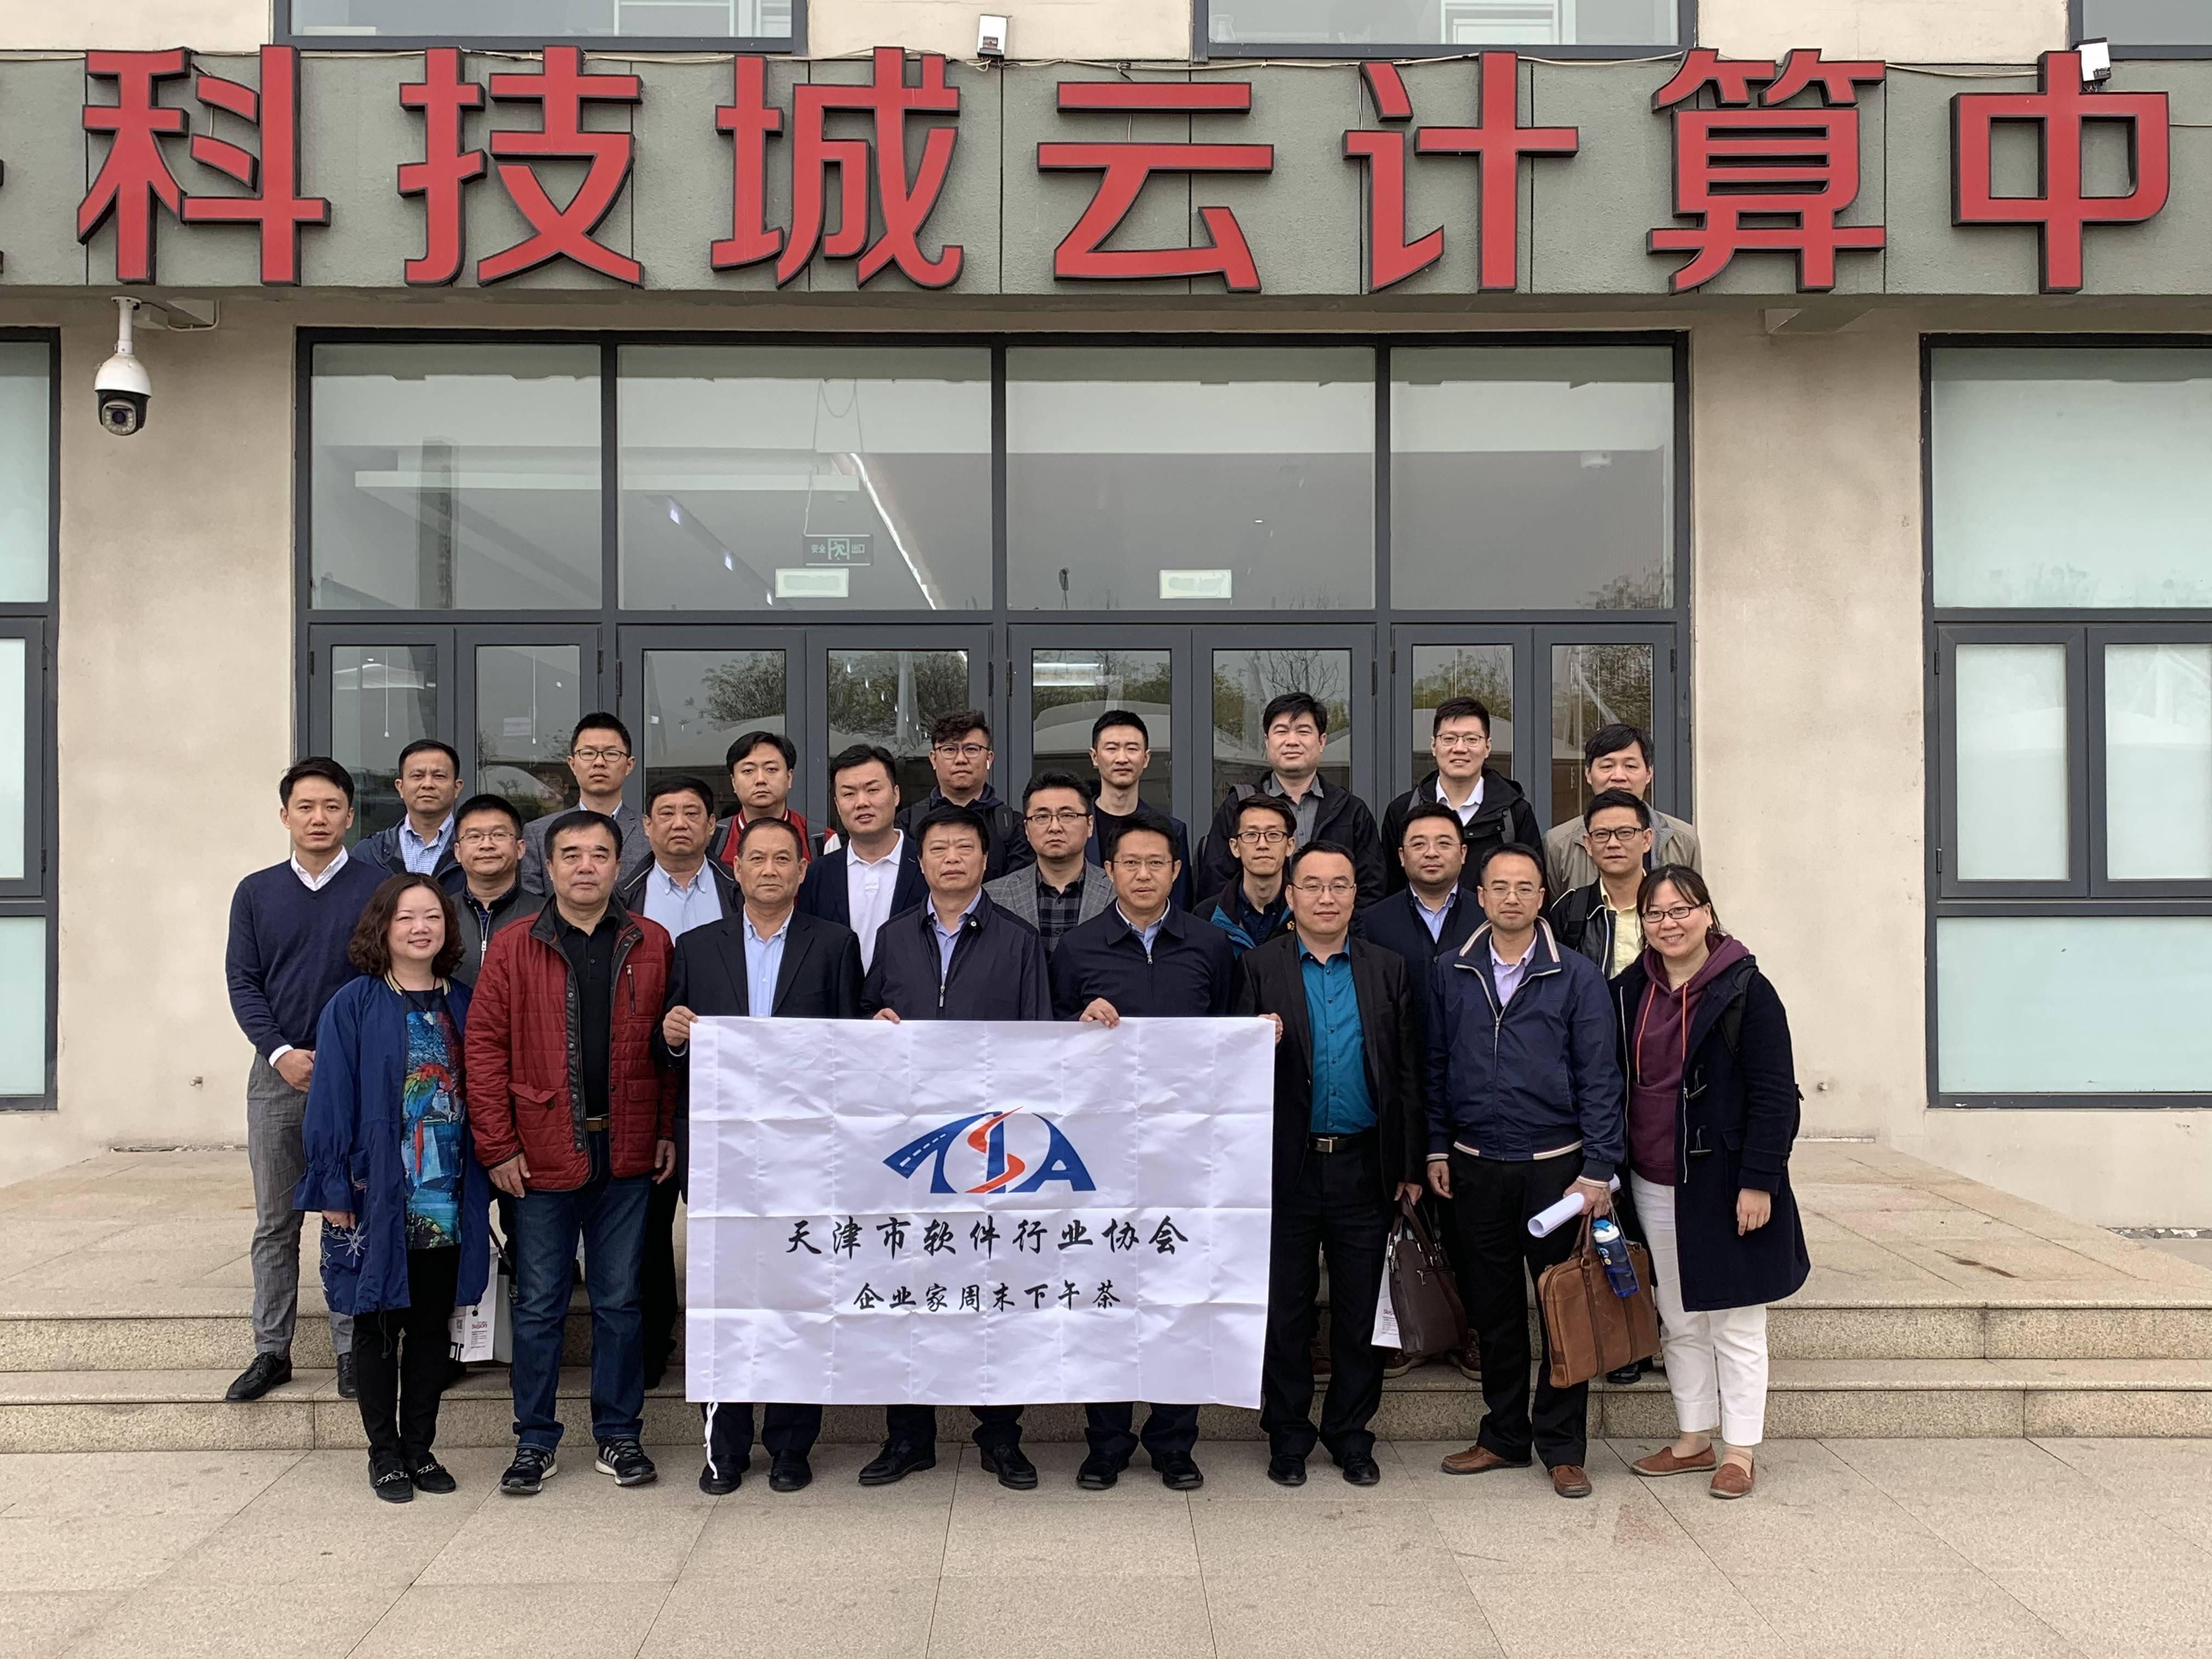 天津软协企业家周末下午茶活动(第二十八期)成功举办